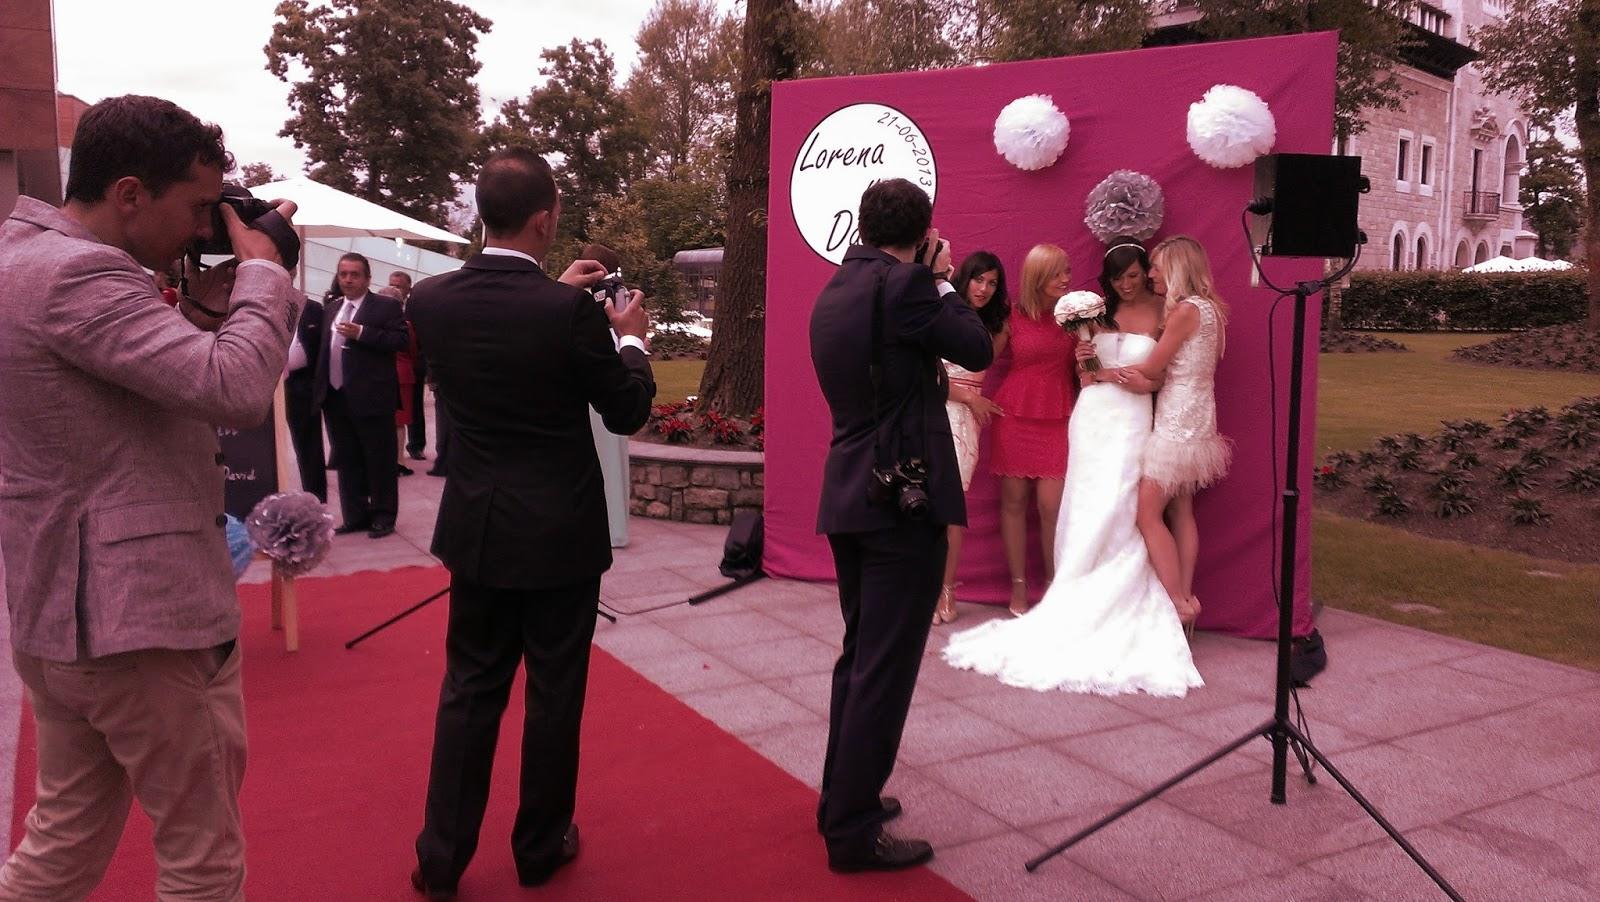 Secretos de una wedding planner una boda con muchas sorpresas la boda de lorena y david - Photocall boda casero ...